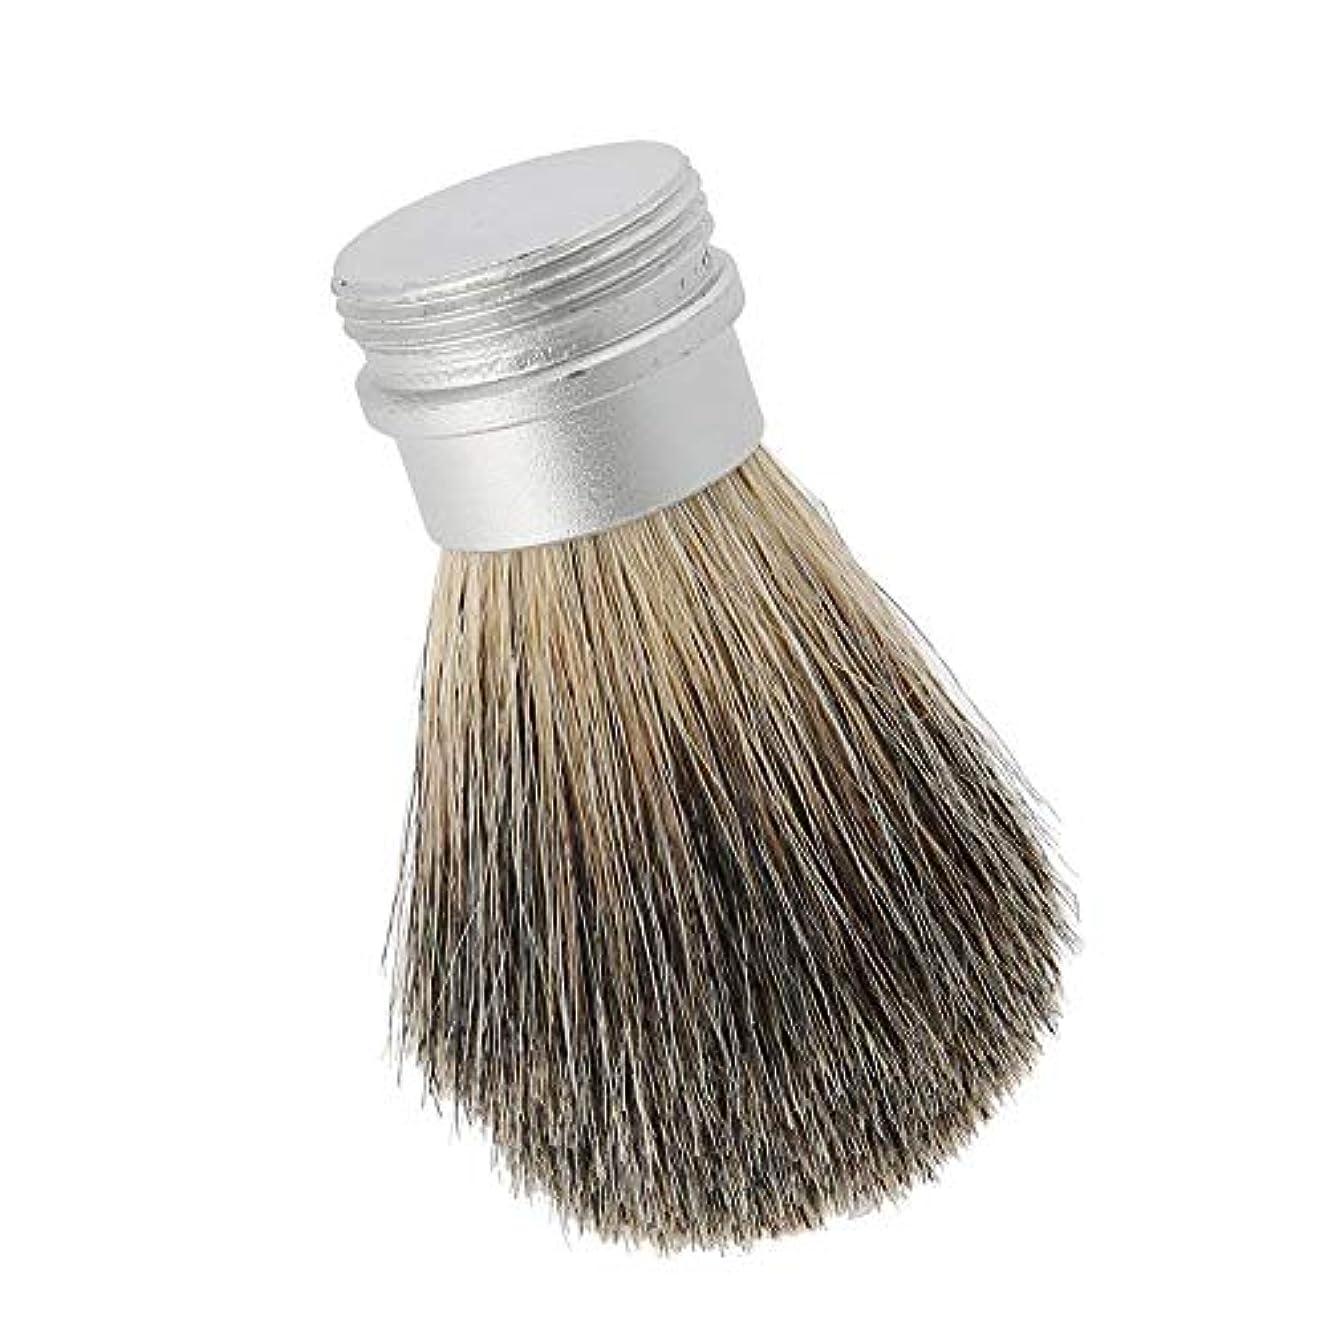 二週間苦難信仰ひげブラシひげ剃りツールポータブルひげブラシ男性のための最高のヘアブラシ口ひげブラシ